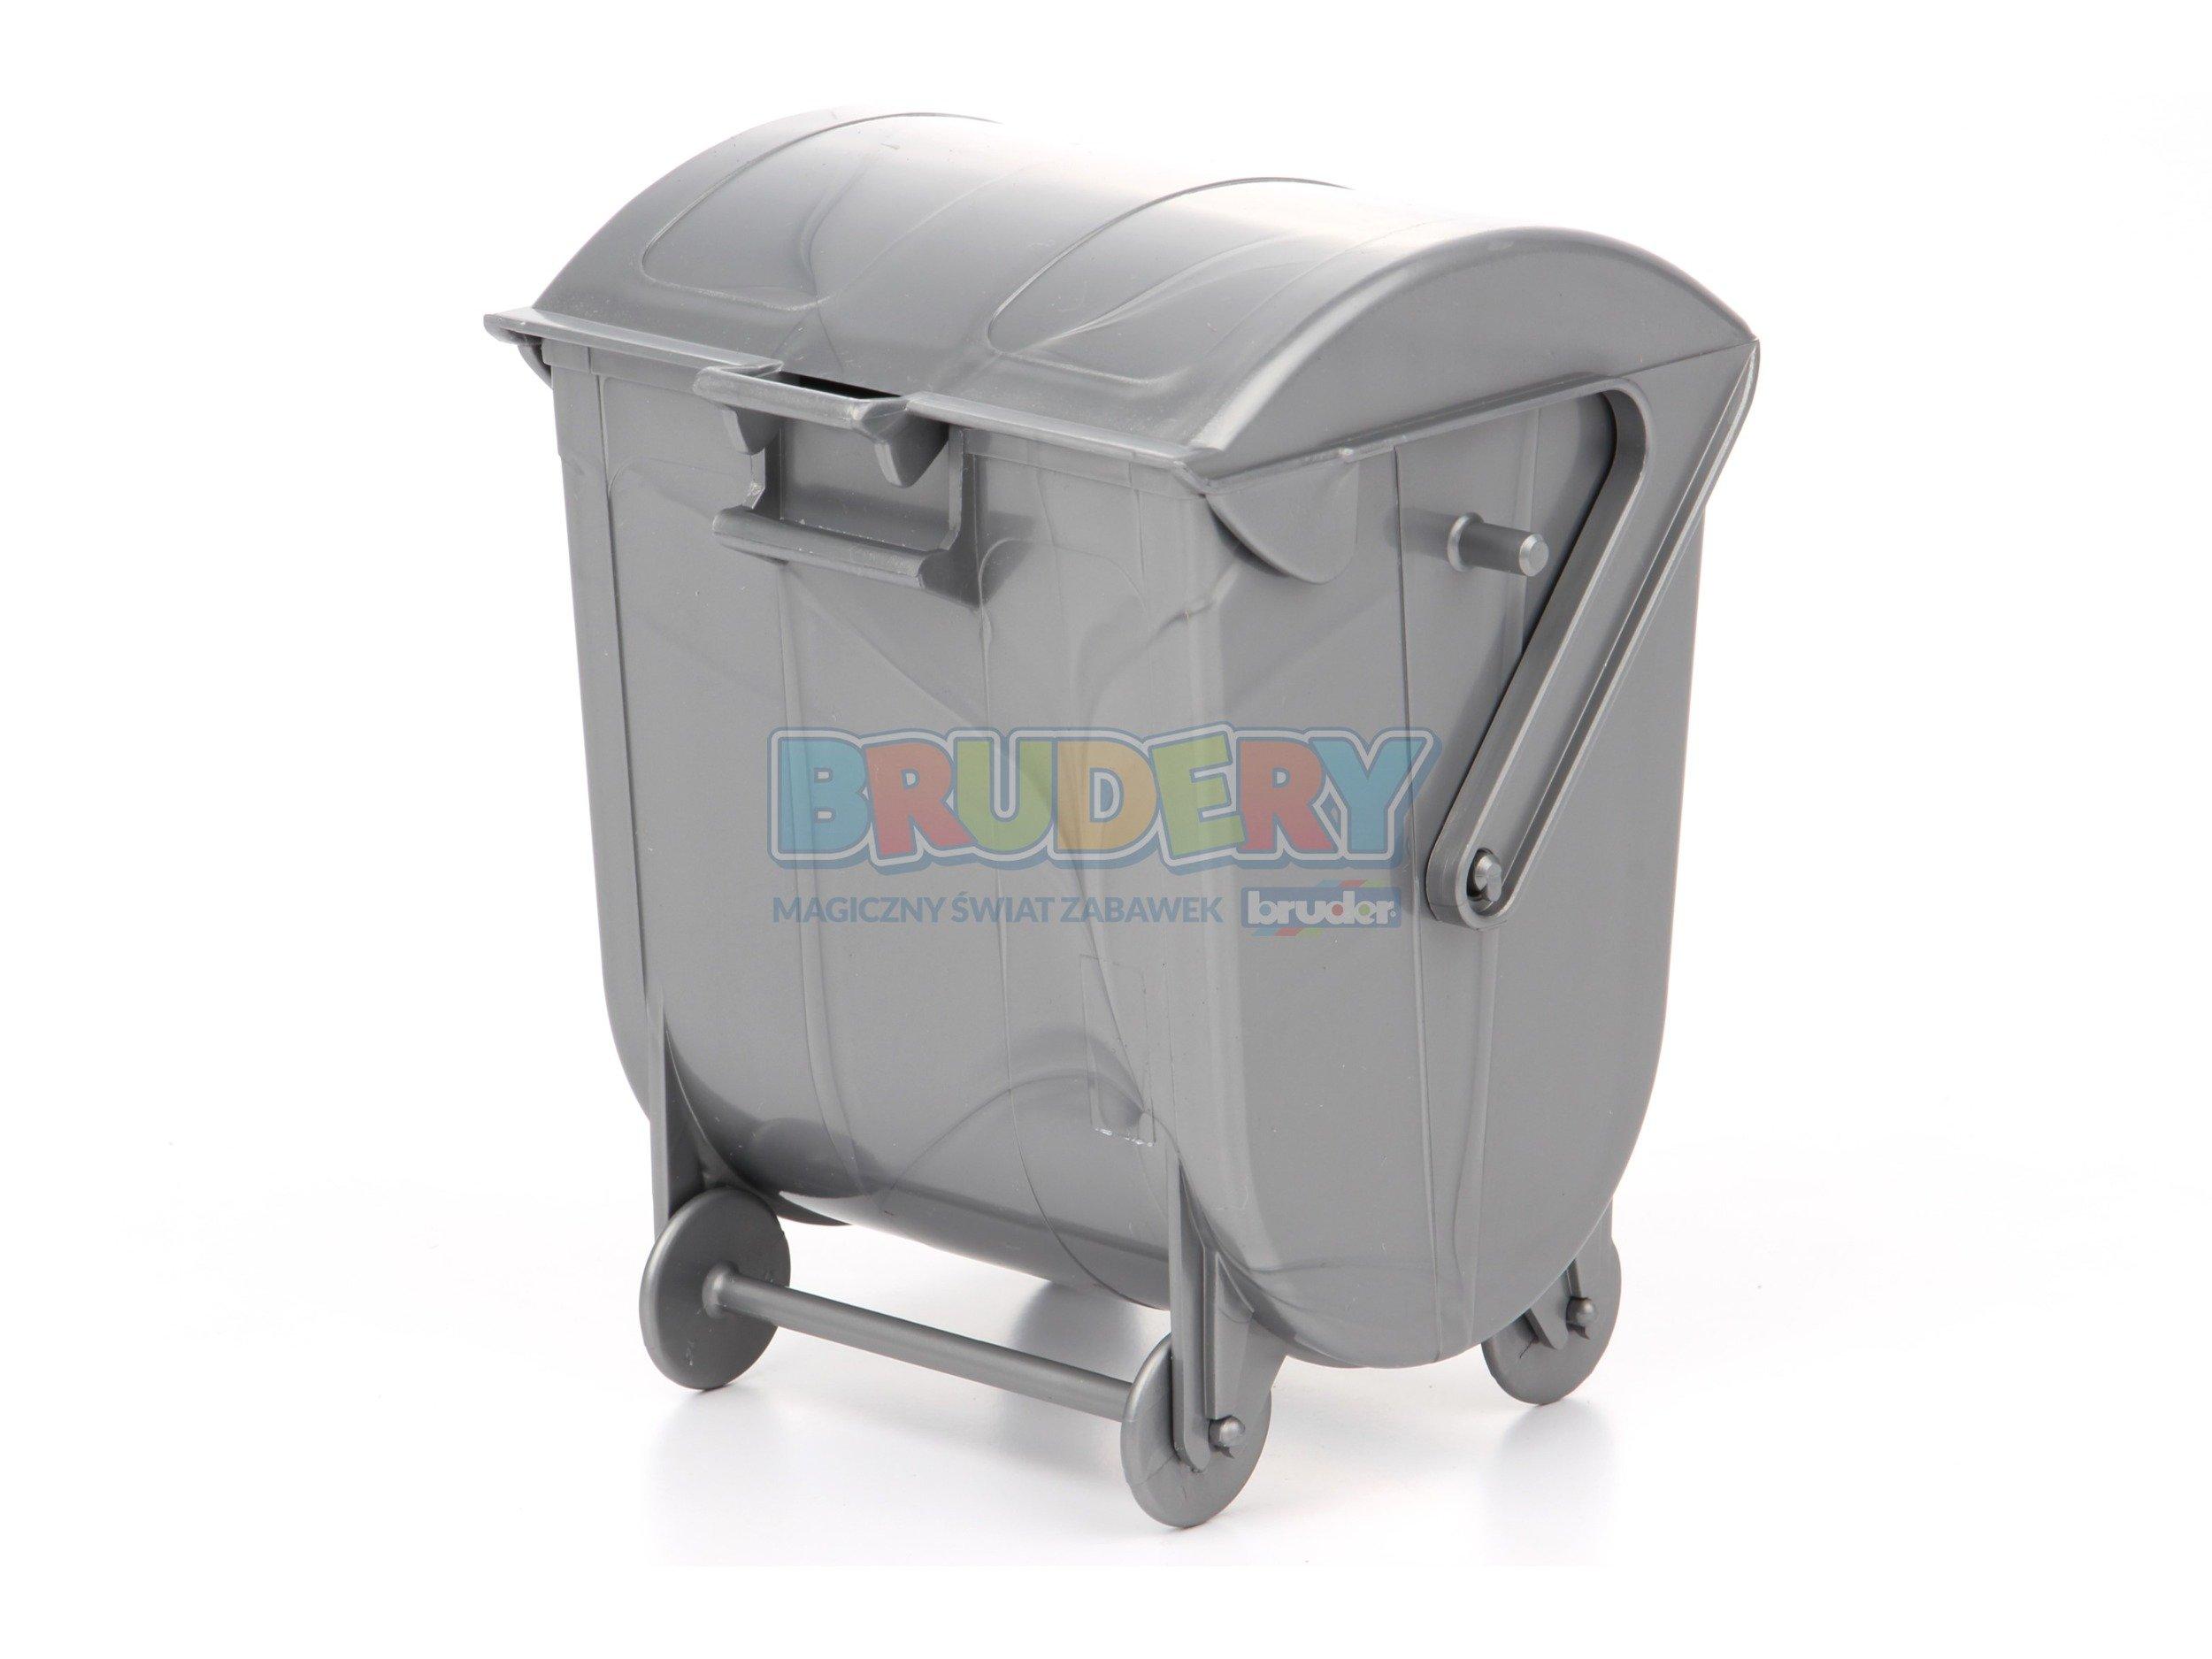 Inne rodzaje Bruder 42637 pojemnik na śmieci duży | Zabawki dla chłopców Brudery KO78